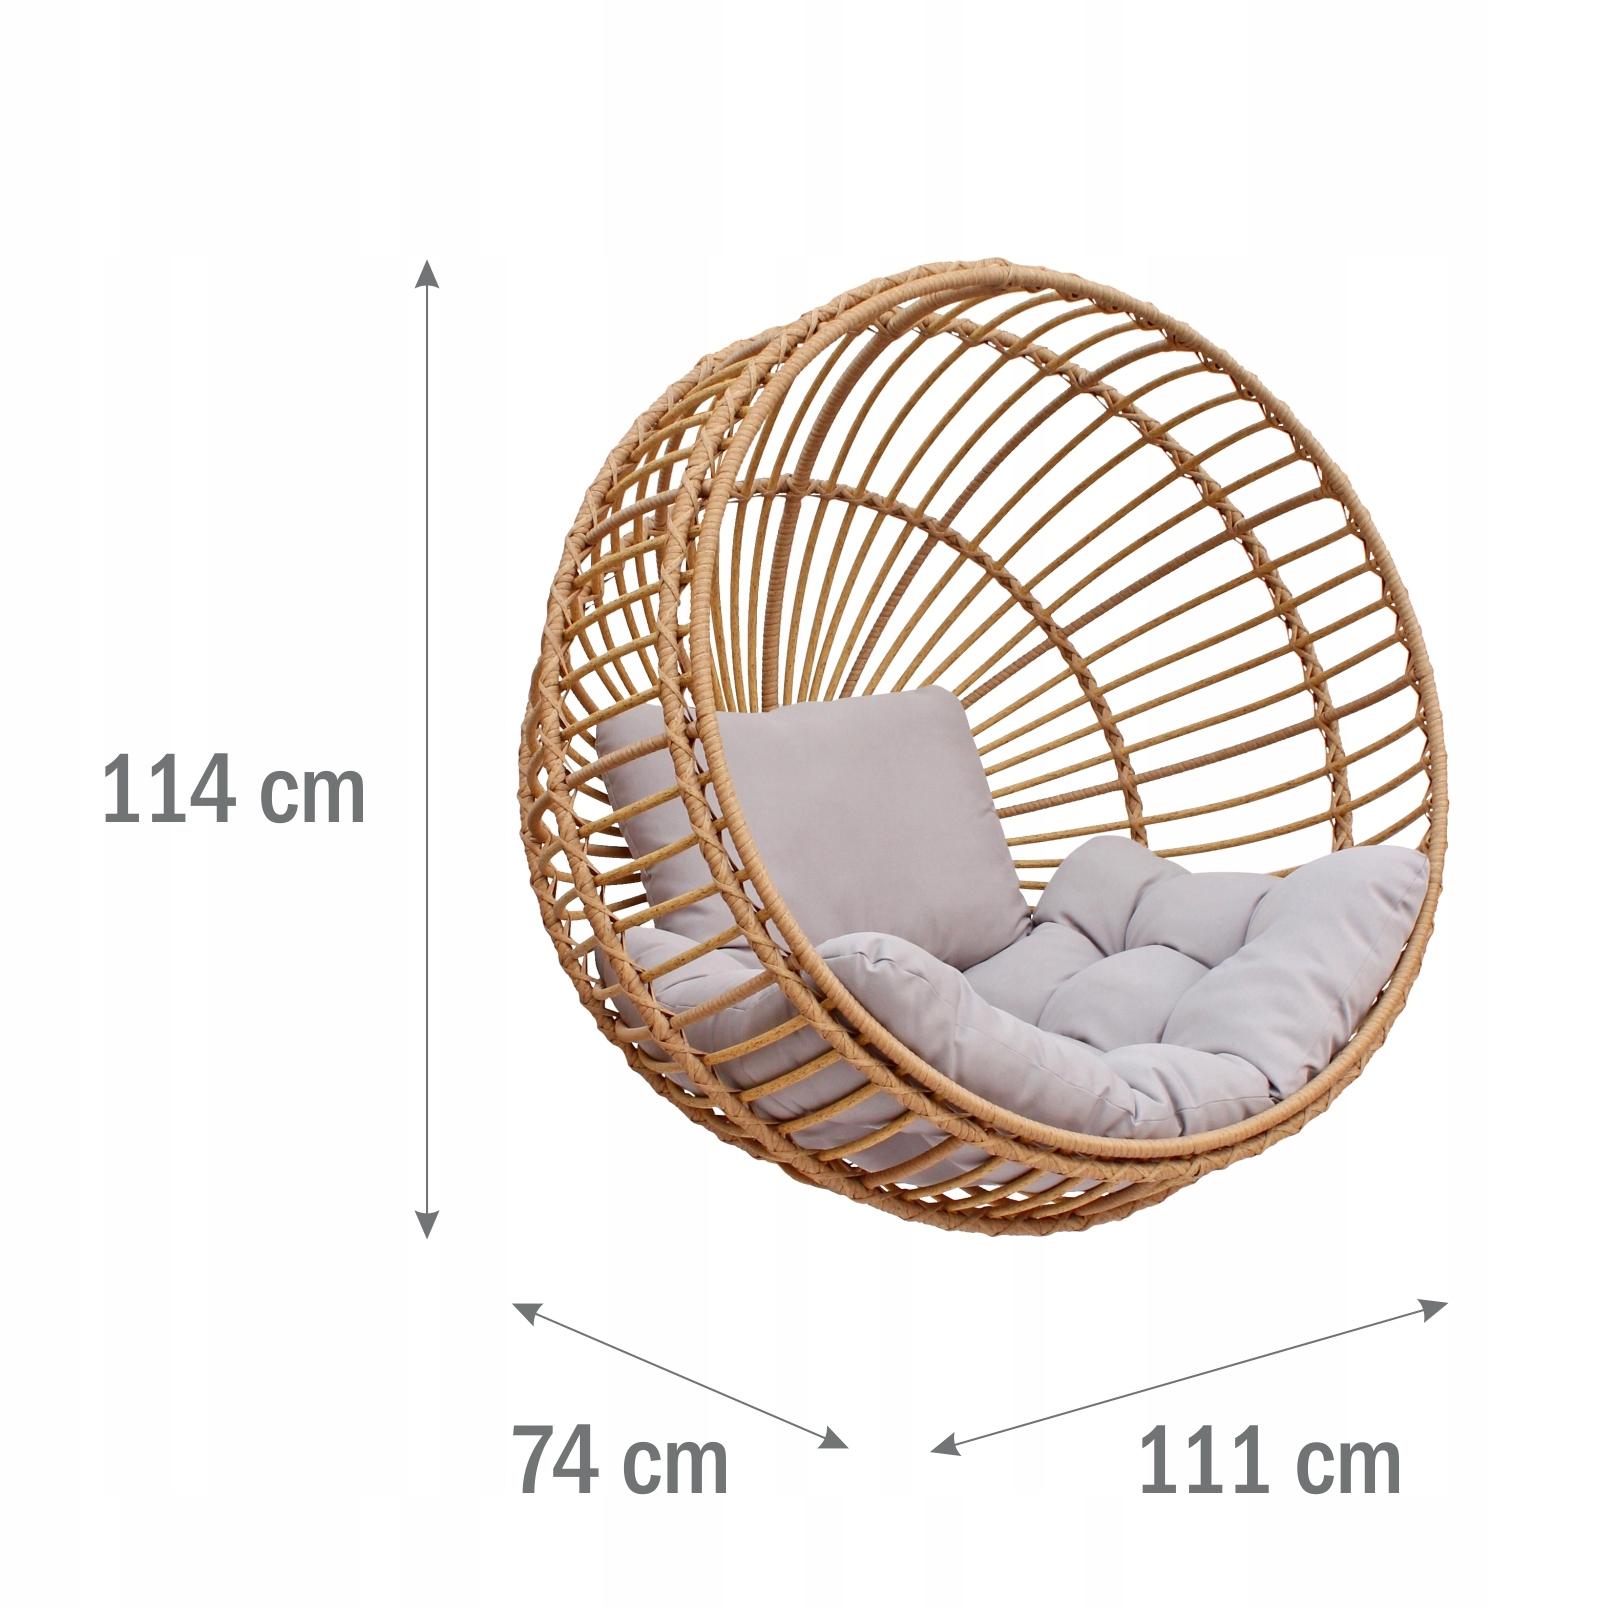 Závesná záhradná stolička kokónovací kôš STELLA výrobca MEVEN